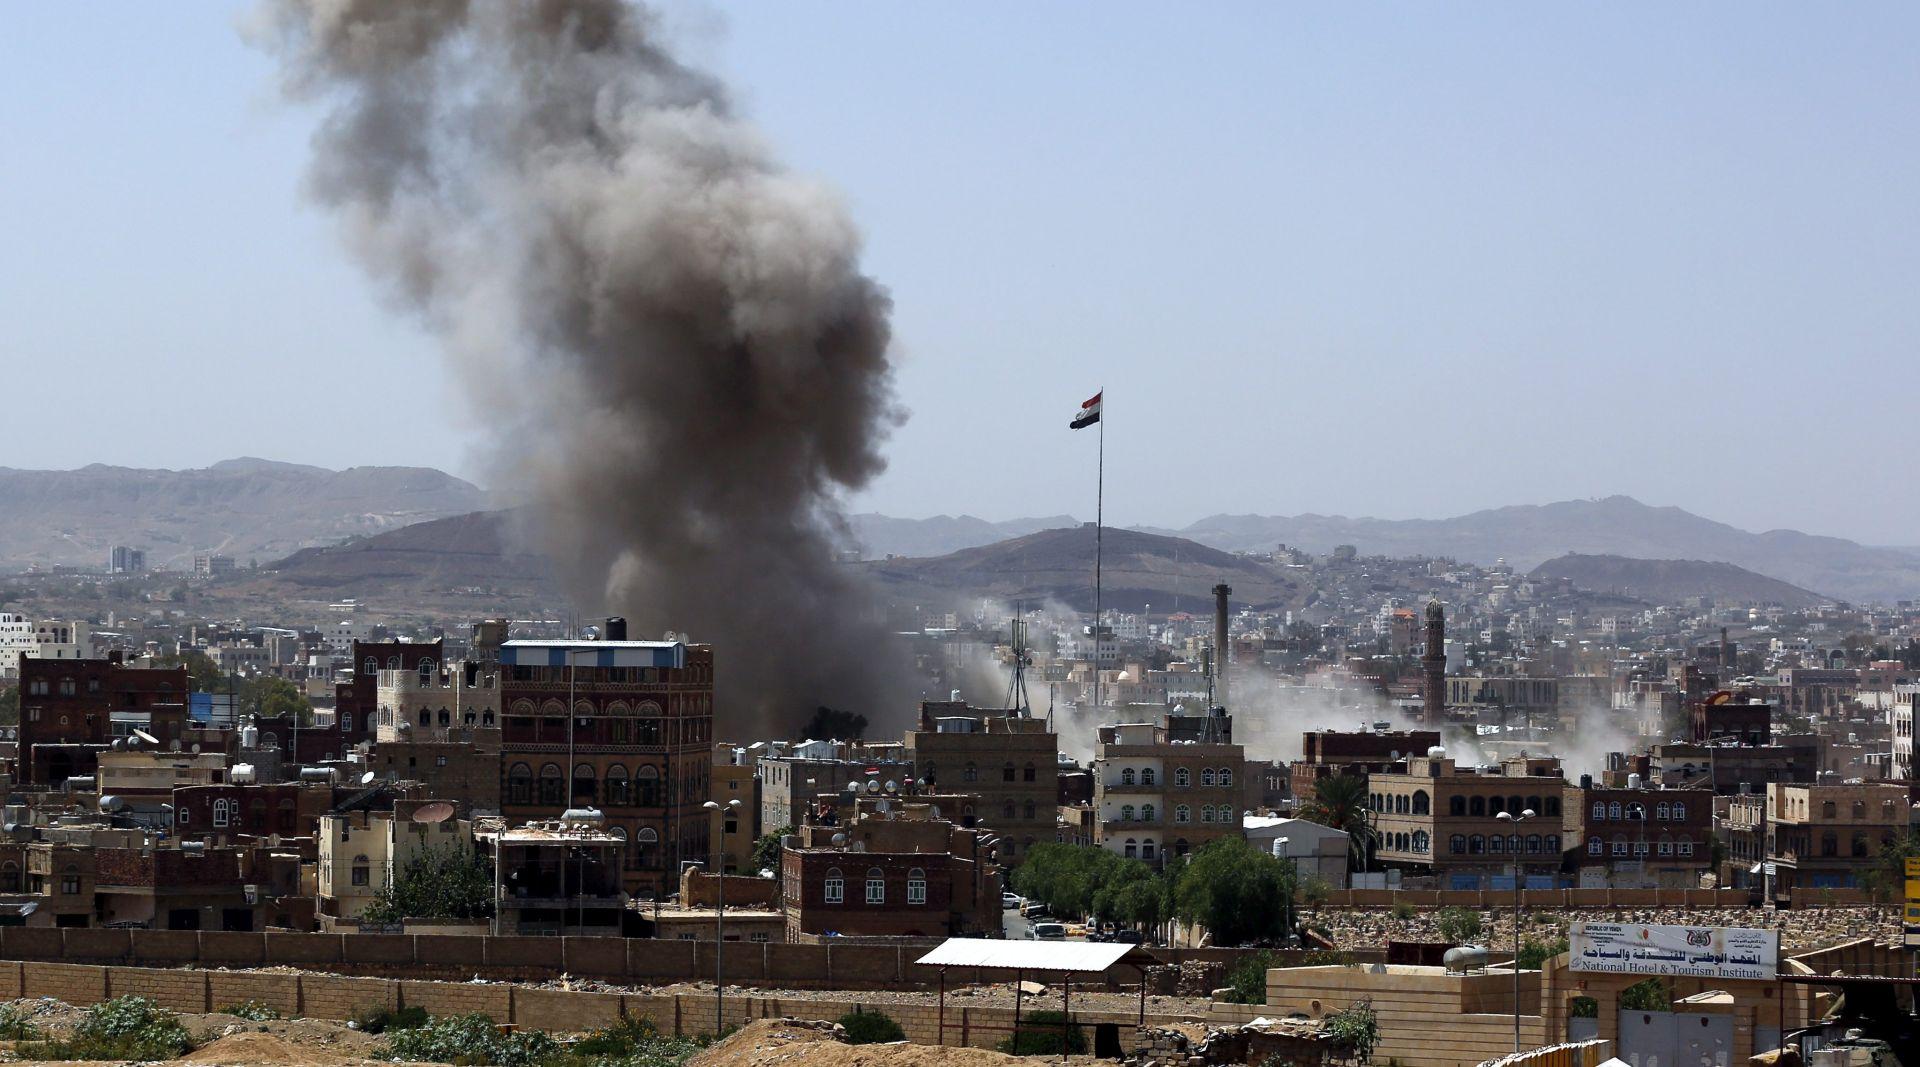 JEMEN Zračni napad na svadbeno slavlje – najmanje 27 poginulih, uključujući 8 djece